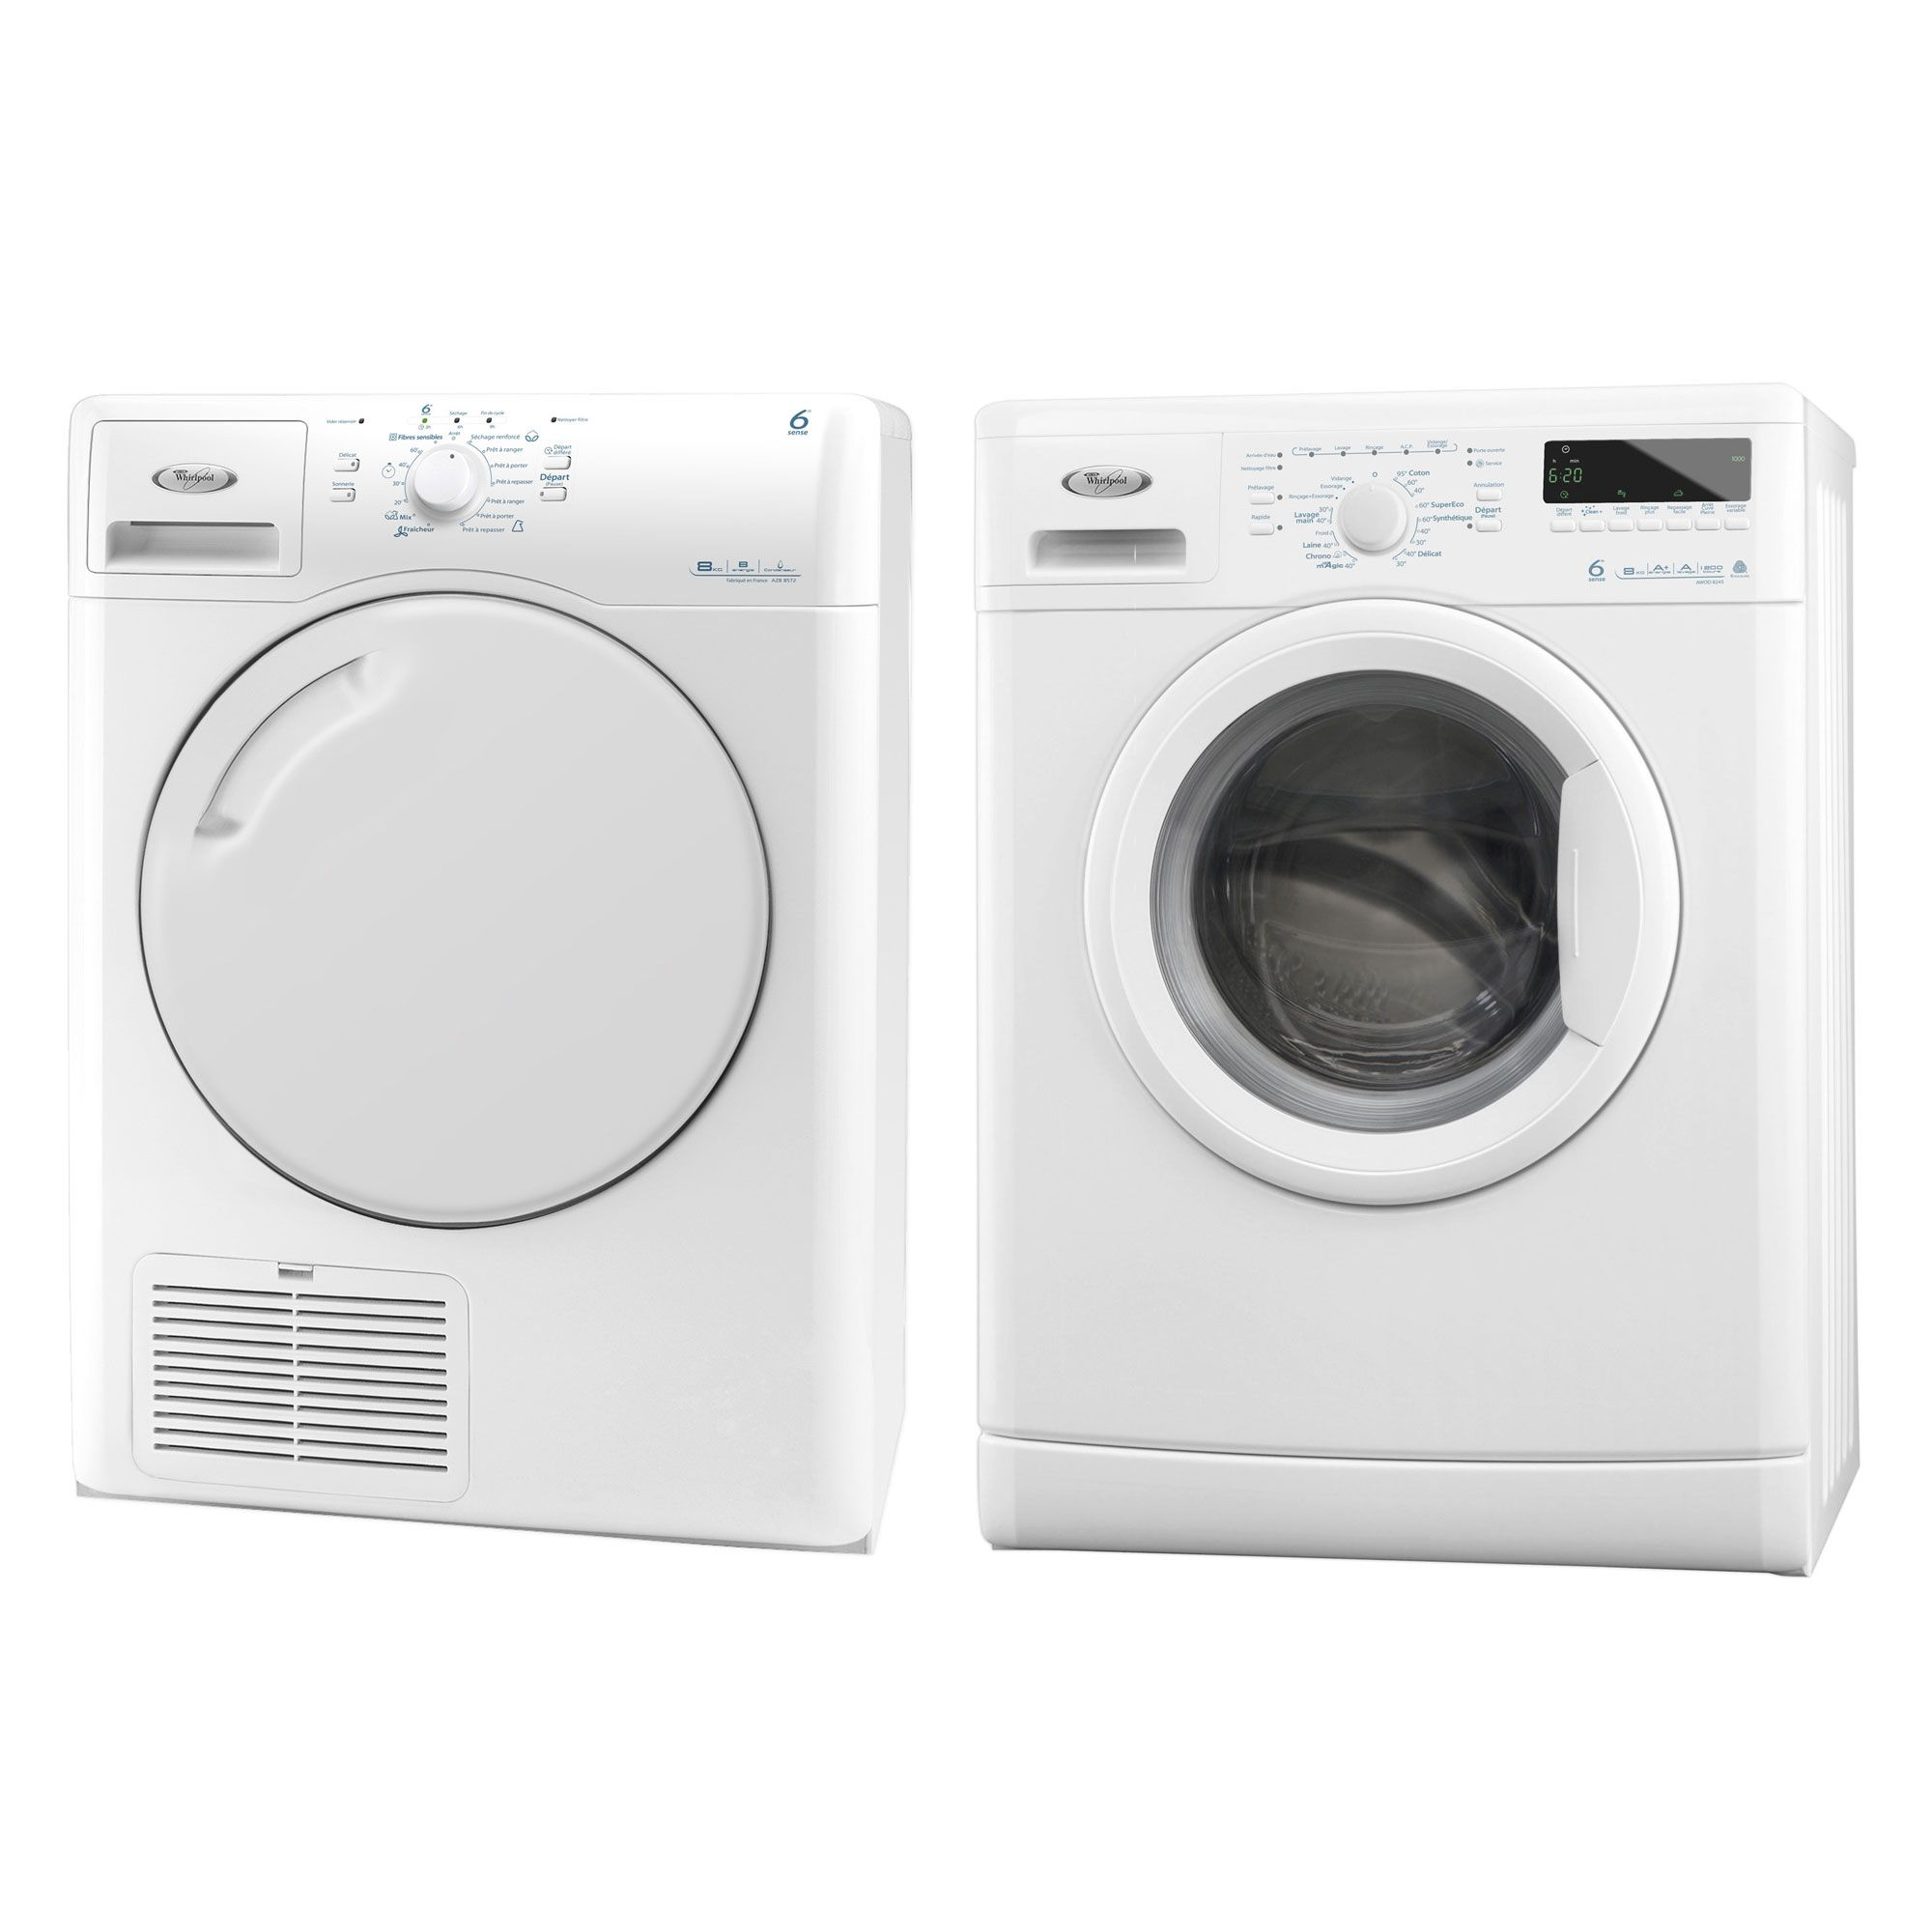 Pack lavage Whirlpool lave linge + Sèche linge - Pack lavage Delamaison - Ventes-pas-cher.com ...